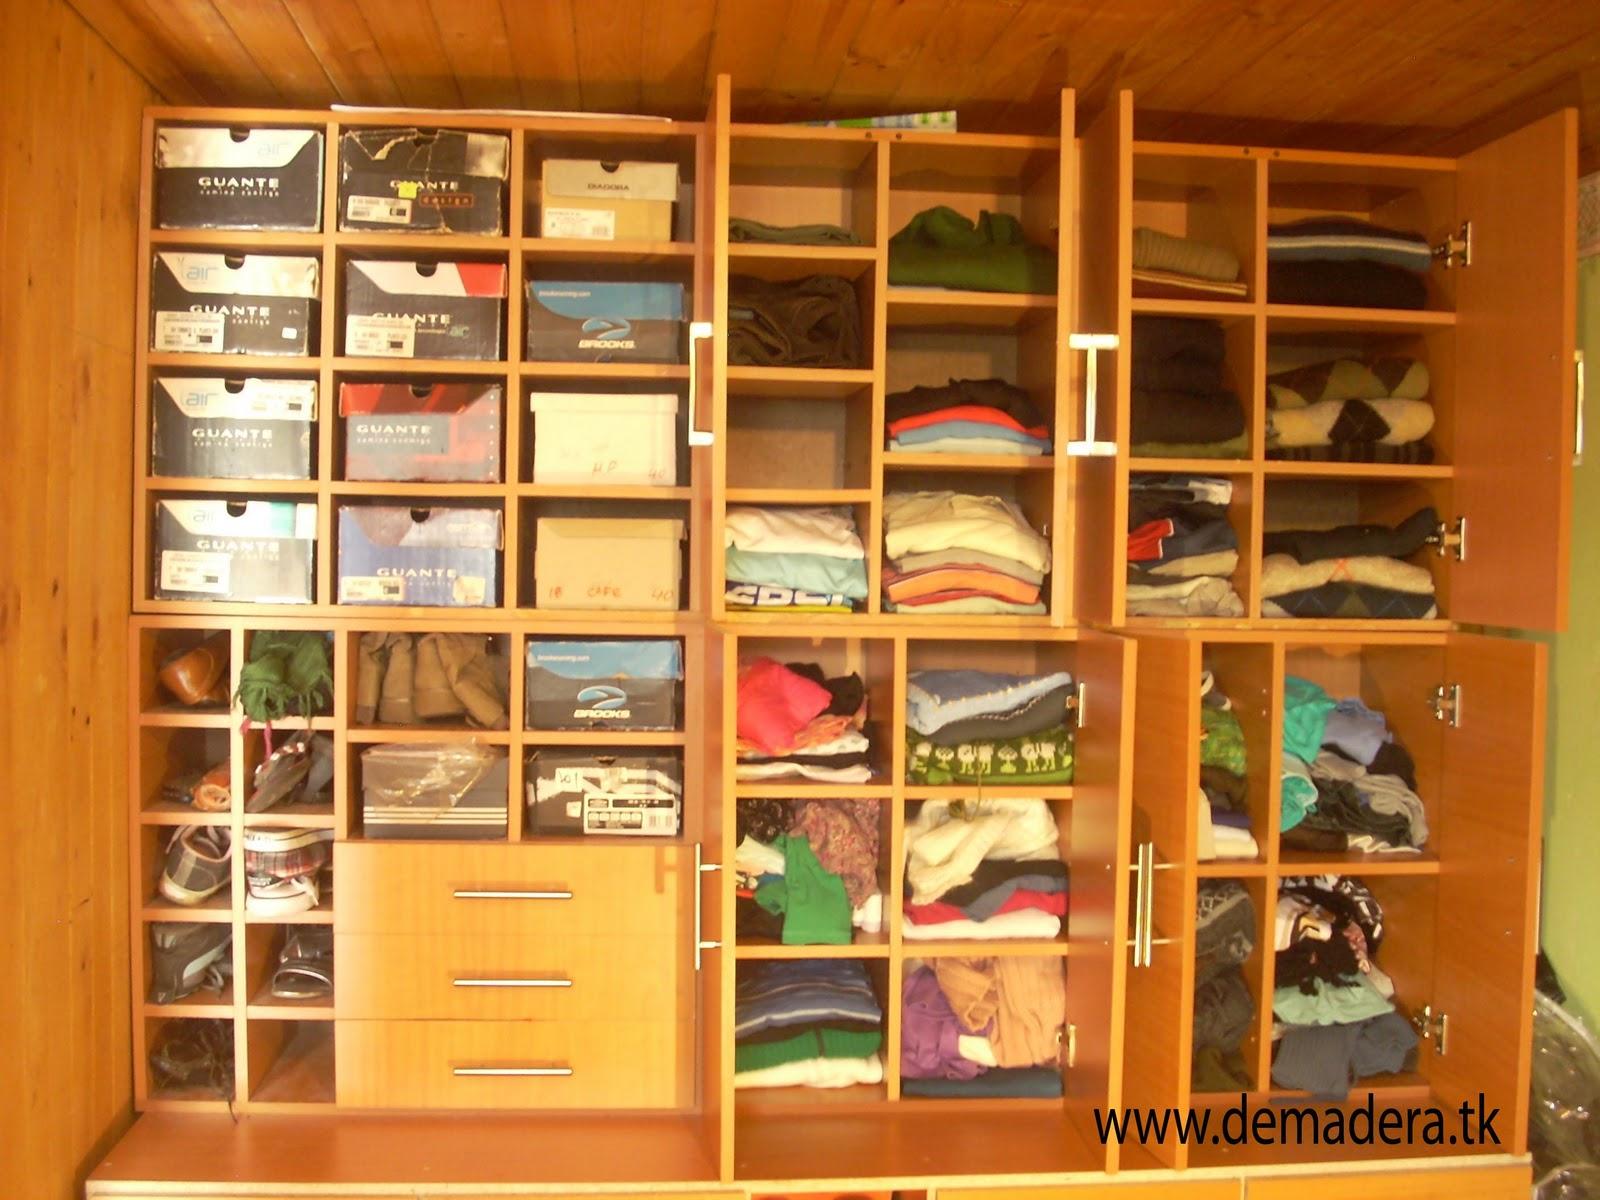 Demadera muebles r sticos closets for Medidas para closets de madera